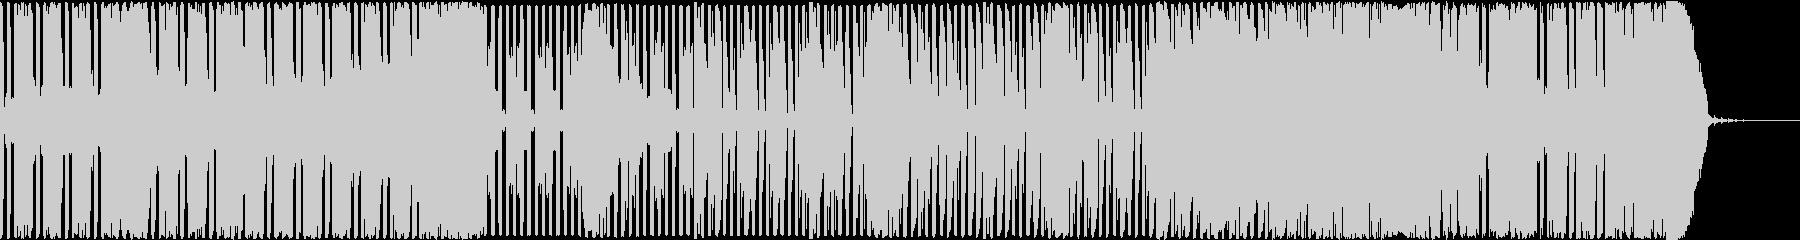 【EDM風】ゲームBGM、イベントCMの未再生の波形